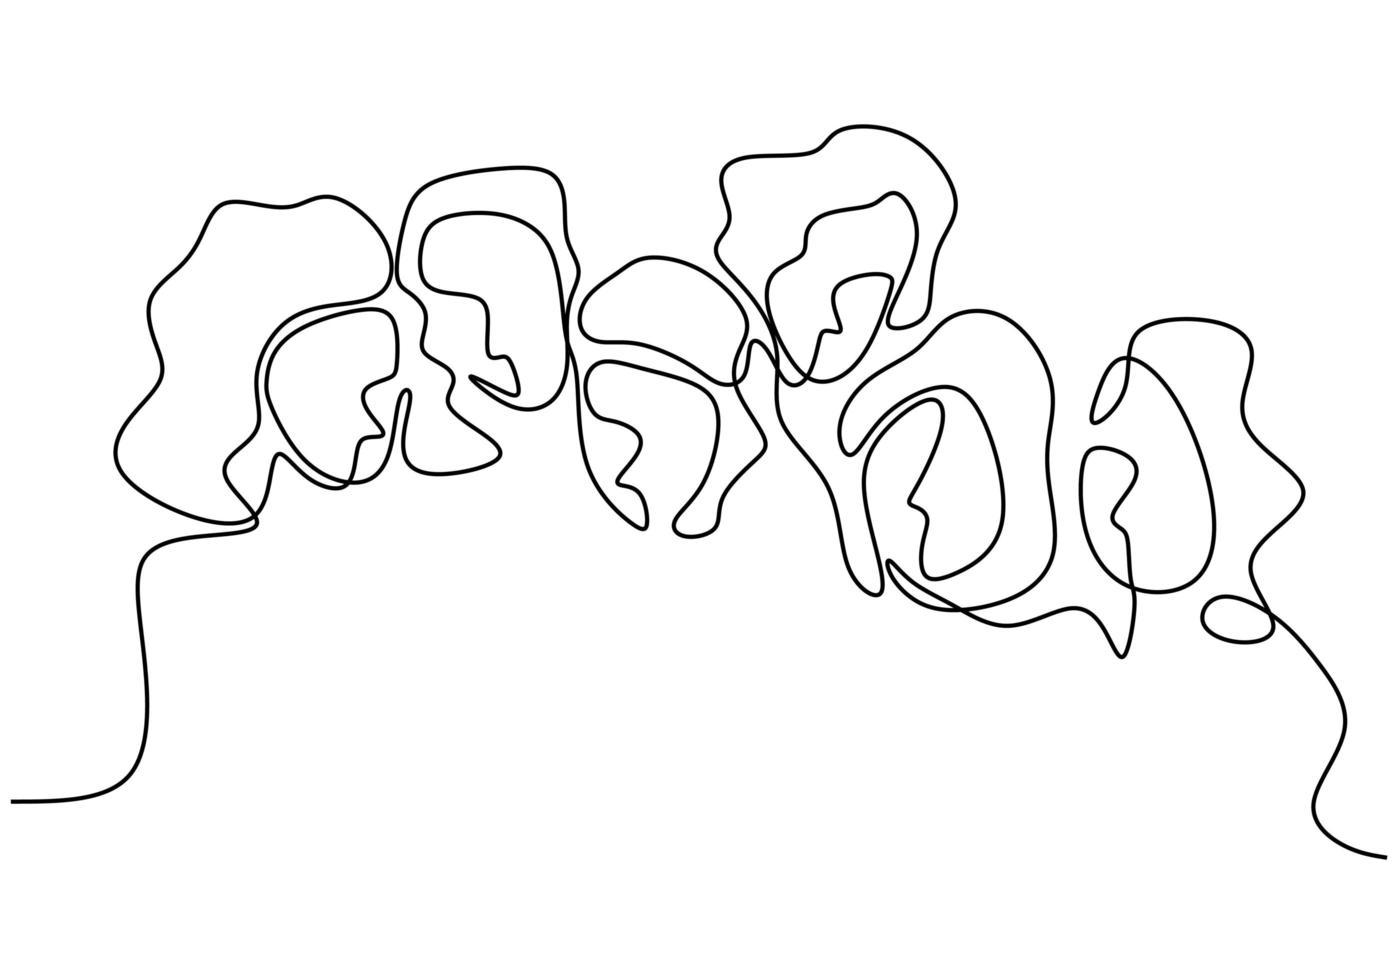 desenho de linha contínua de mulher. em pé com confiança. vetor